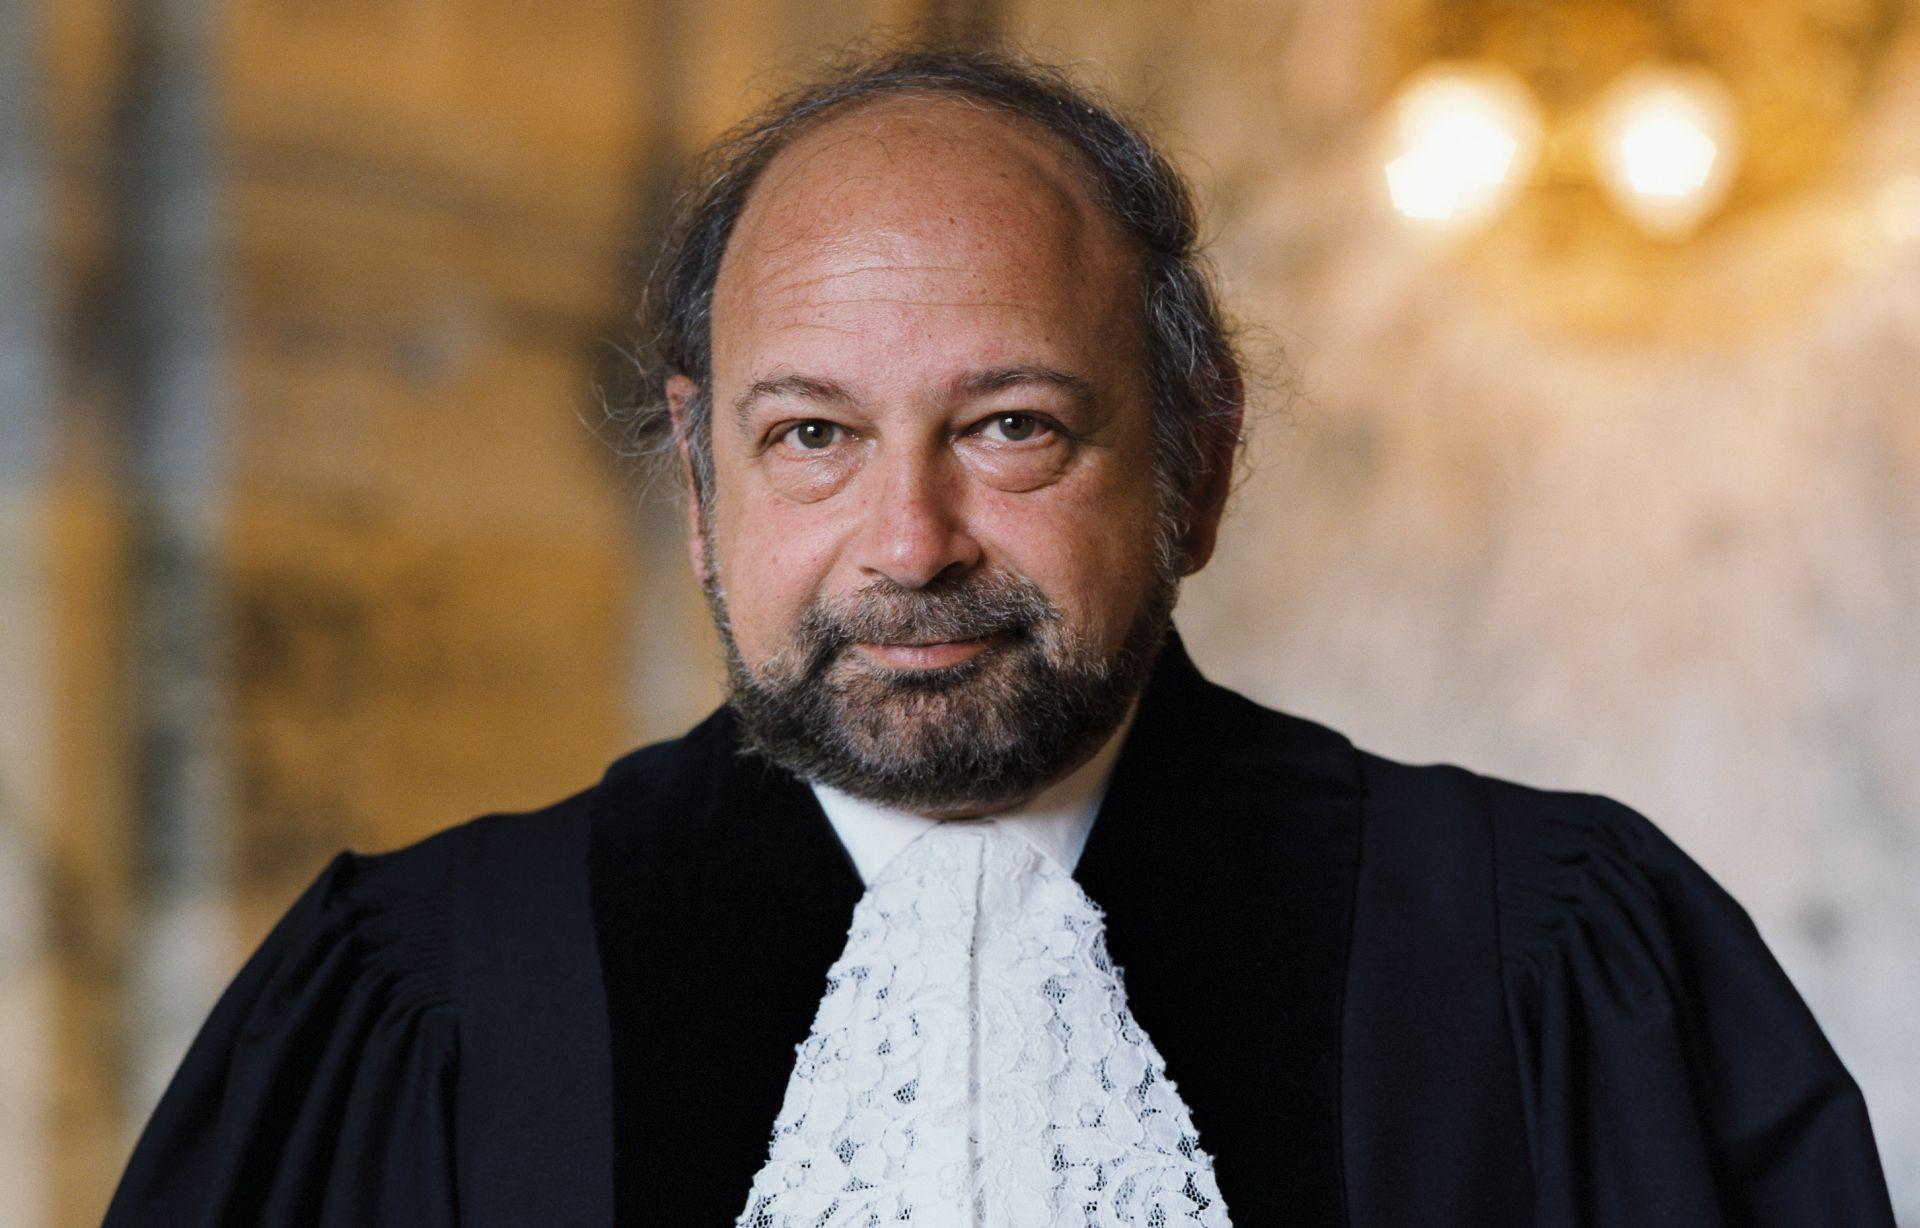 NOVI ARBITRAR SLOVENIJE Predsjednik Međunarodnog suda pravde Ronny Abraham izabran po hitnom postupku